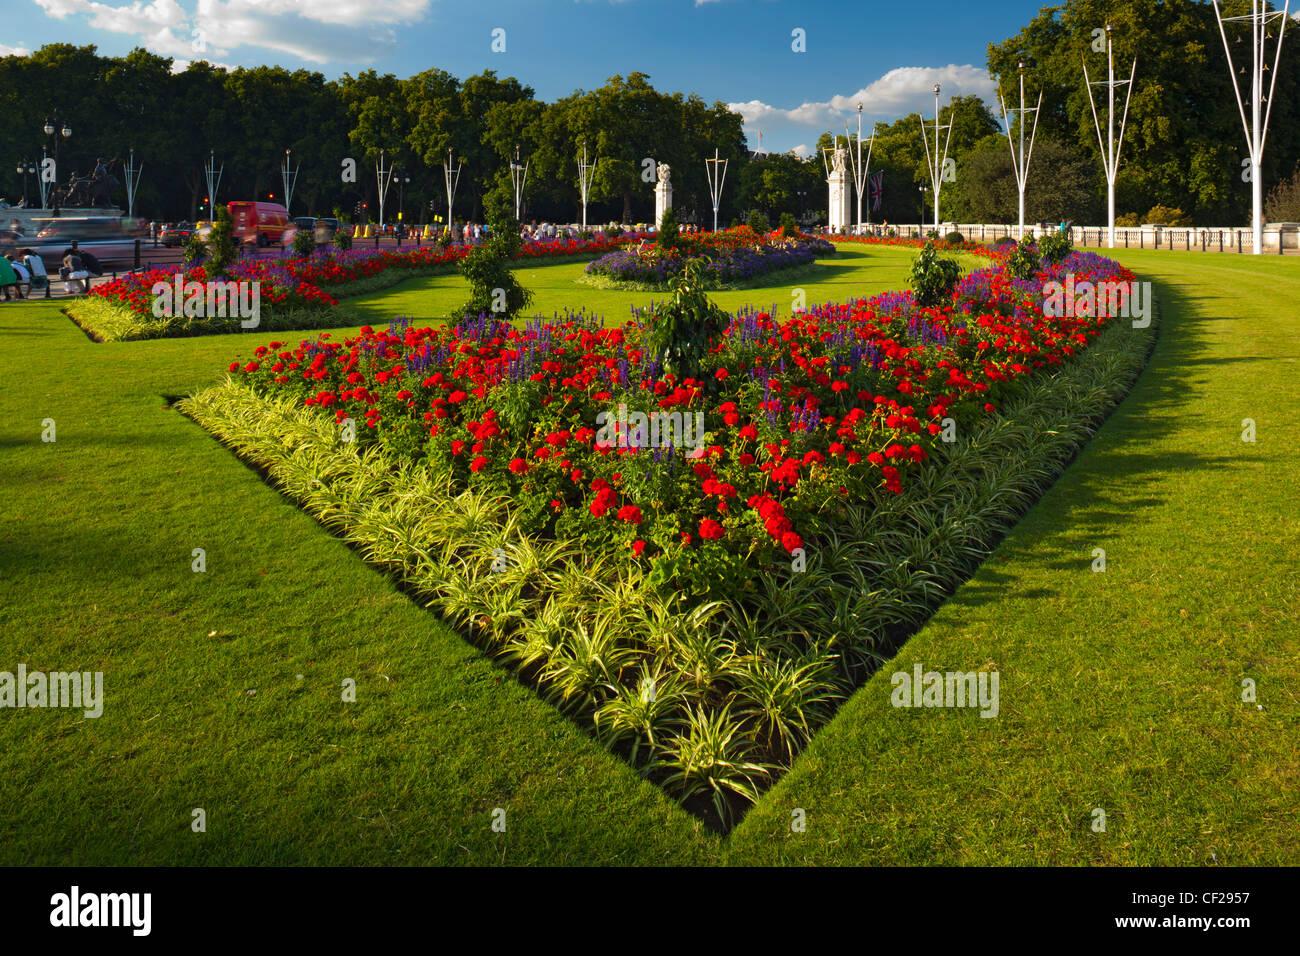 Flowers in bloom in the Queen Victoria Memorial Gardens in St James's Park. Stock Photo